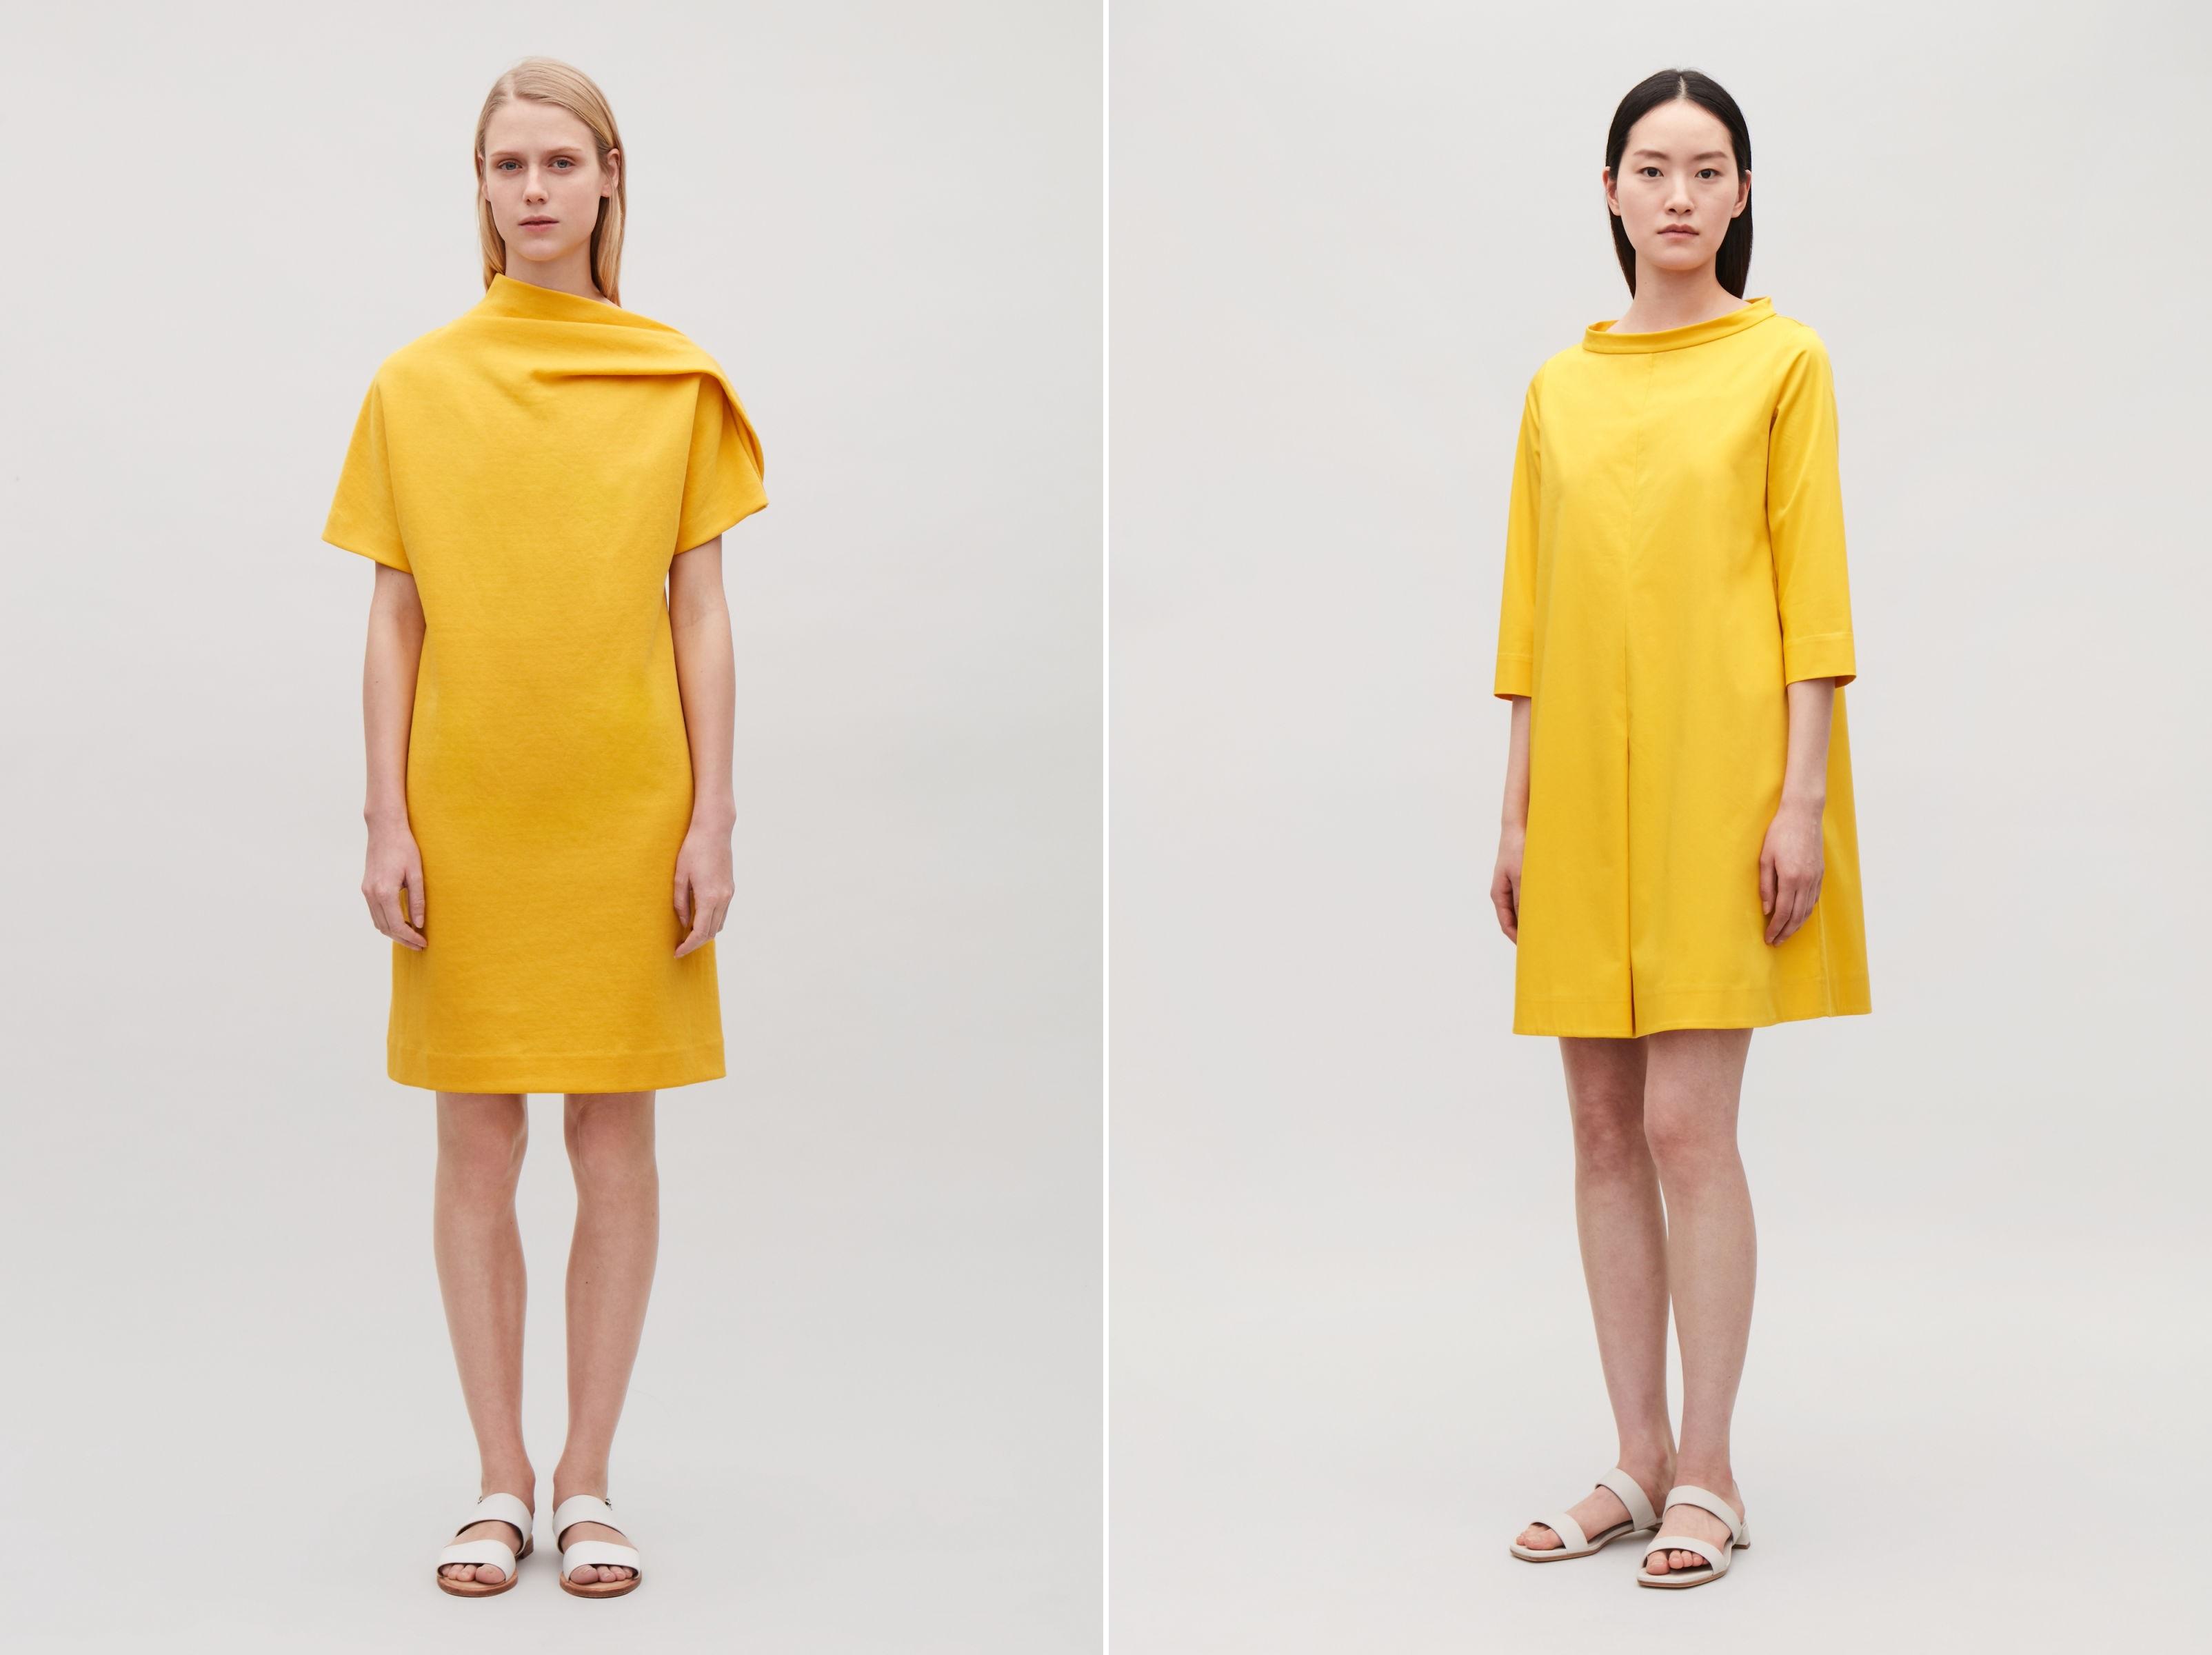 abiti da donna giallo corti Cos